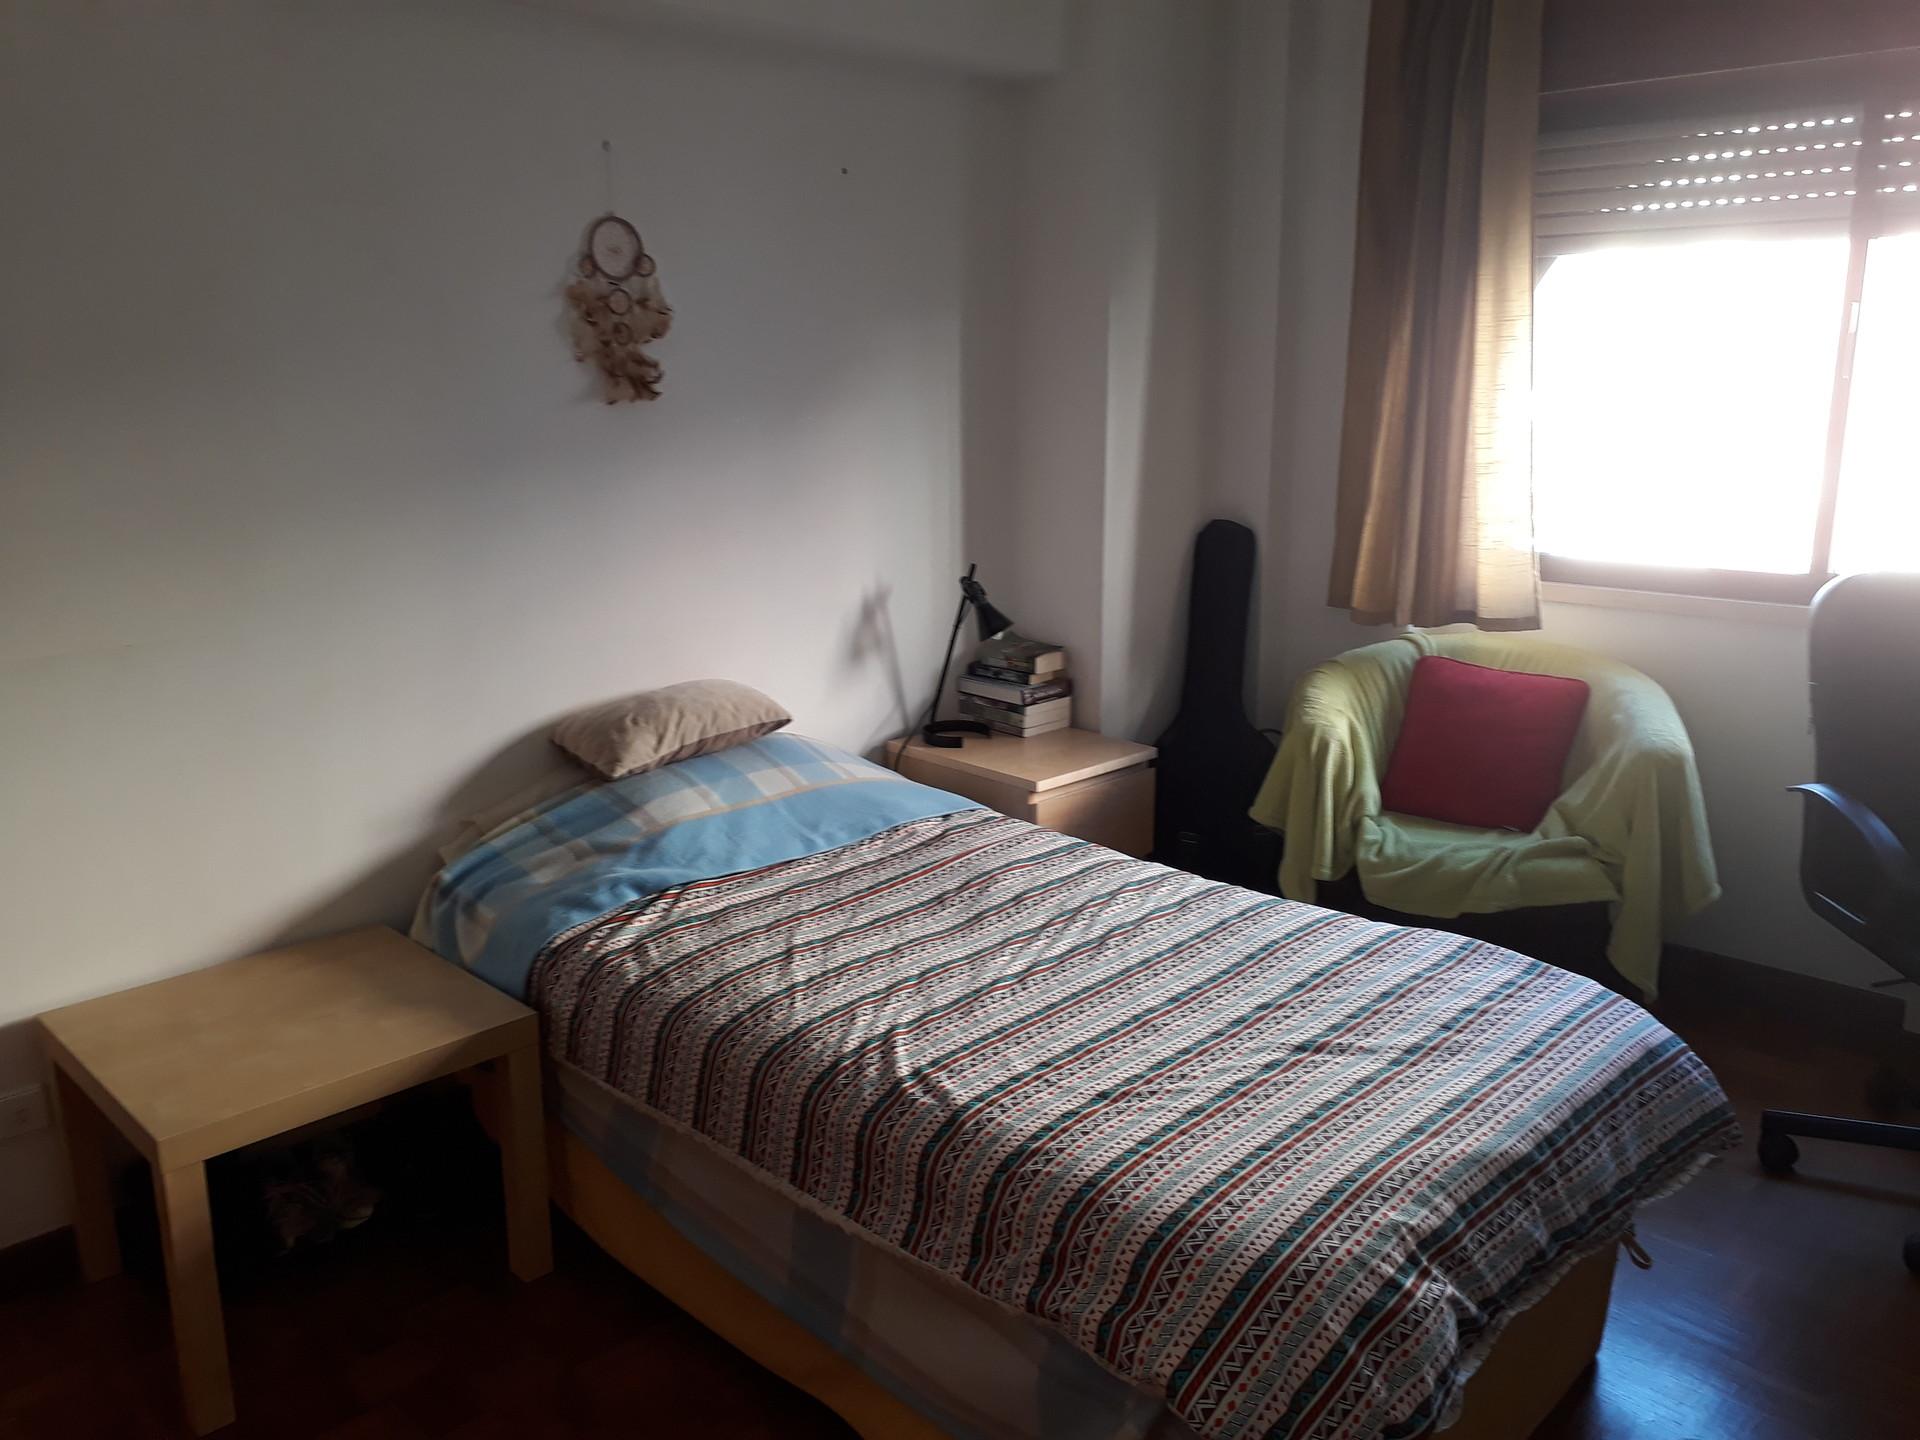 single-room-private-bathroom-good-location-31c9f54f014e79c7231f6780e50fda39